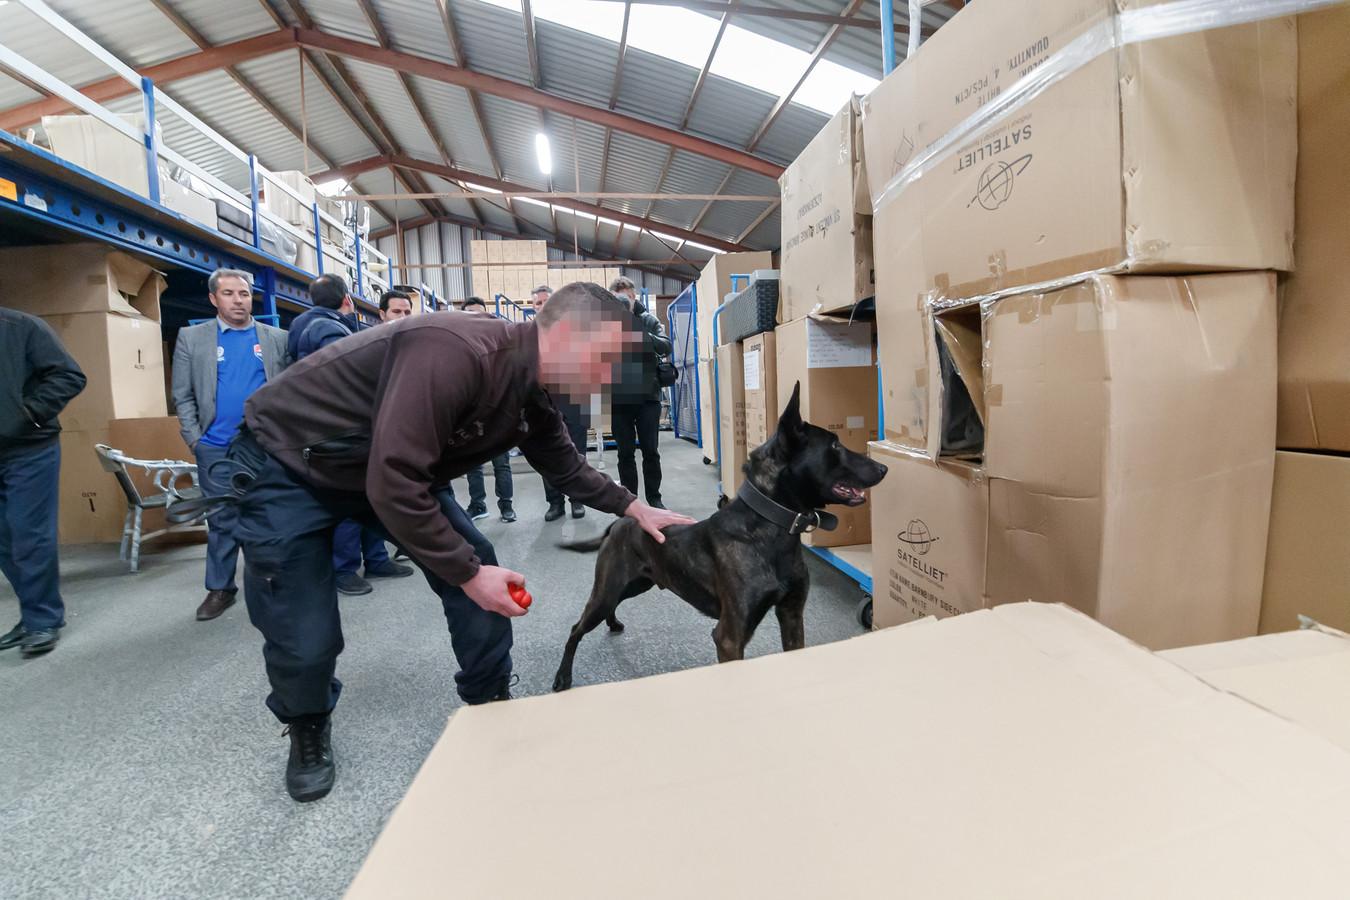 Oosterhout - 11-4-2019 - Foto: Pix4Profs/Marcel Otterspeer - Een kijkje bij politiehondentrainers Koen Schellekens en Claudia Boomaars. Daar was deze week een delegatie uit Iran op bezoek die aldaar de honden gaan inzetten.